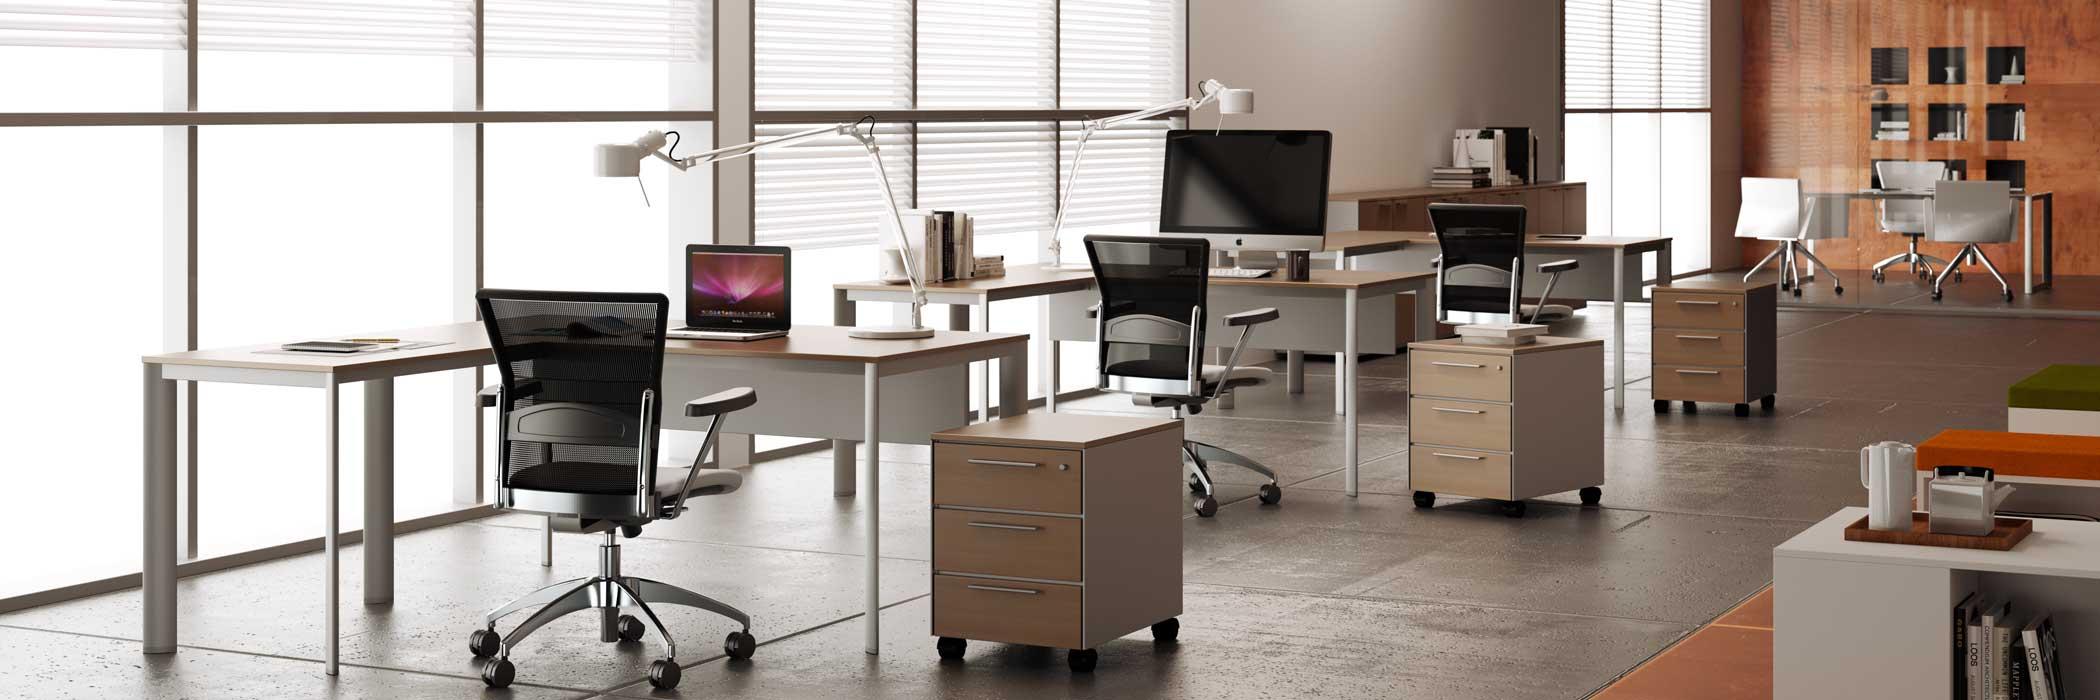 L'Evoluzione dell'Ufficio senza barriere